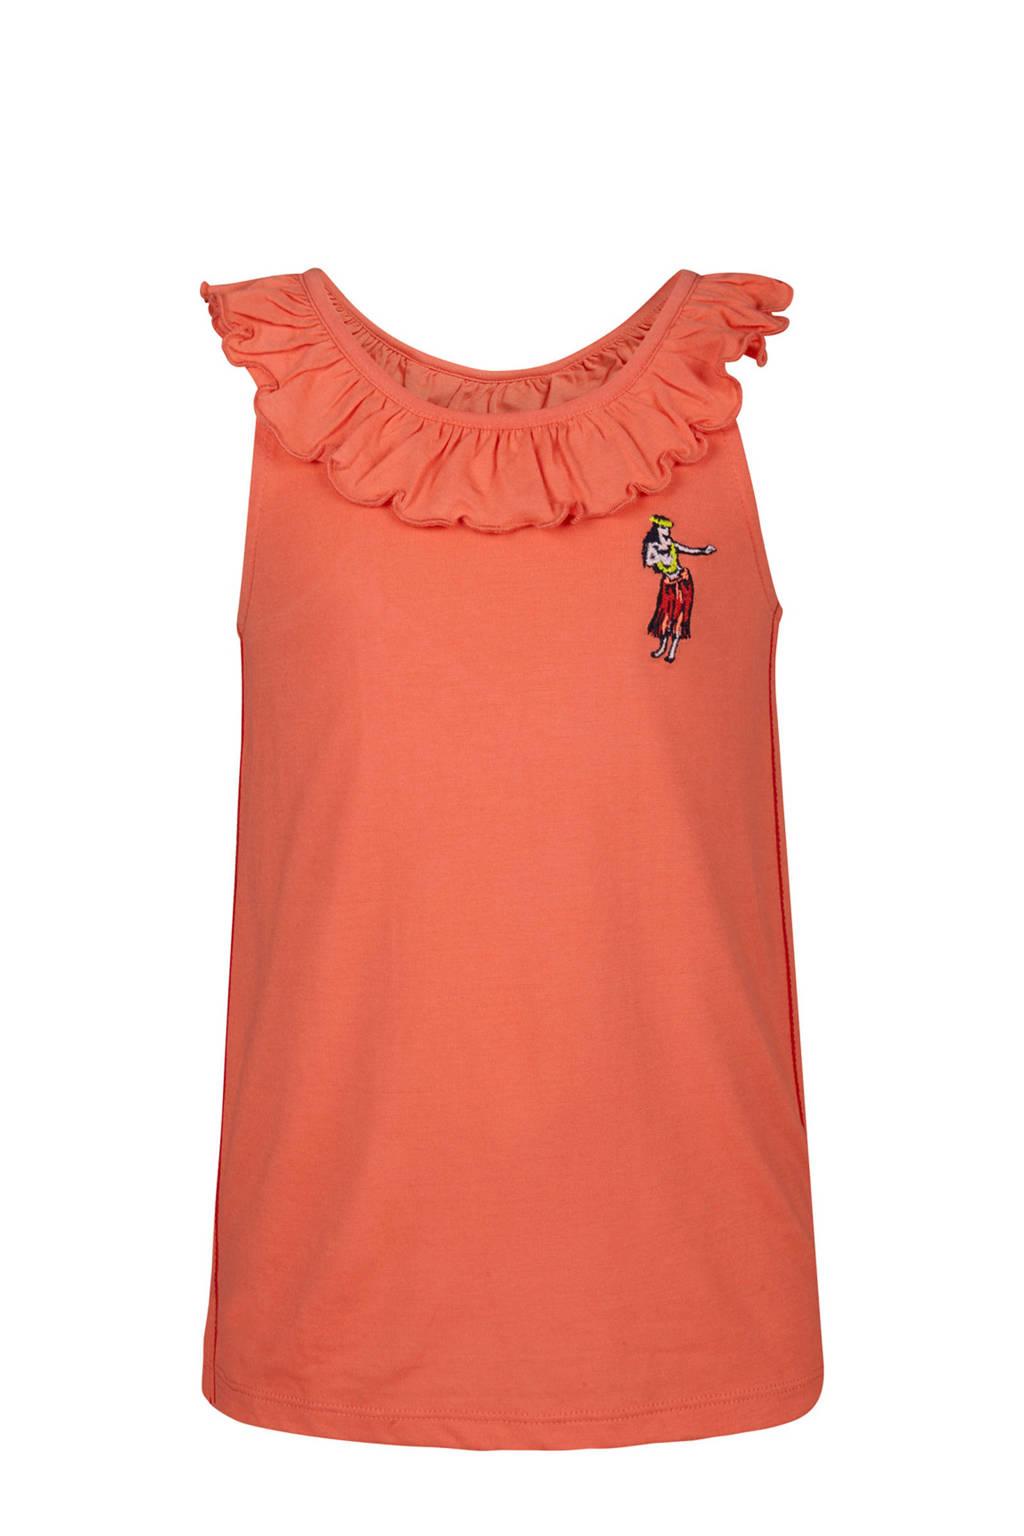 WE Fashion mouwloze top met ruches oranje, Oranje